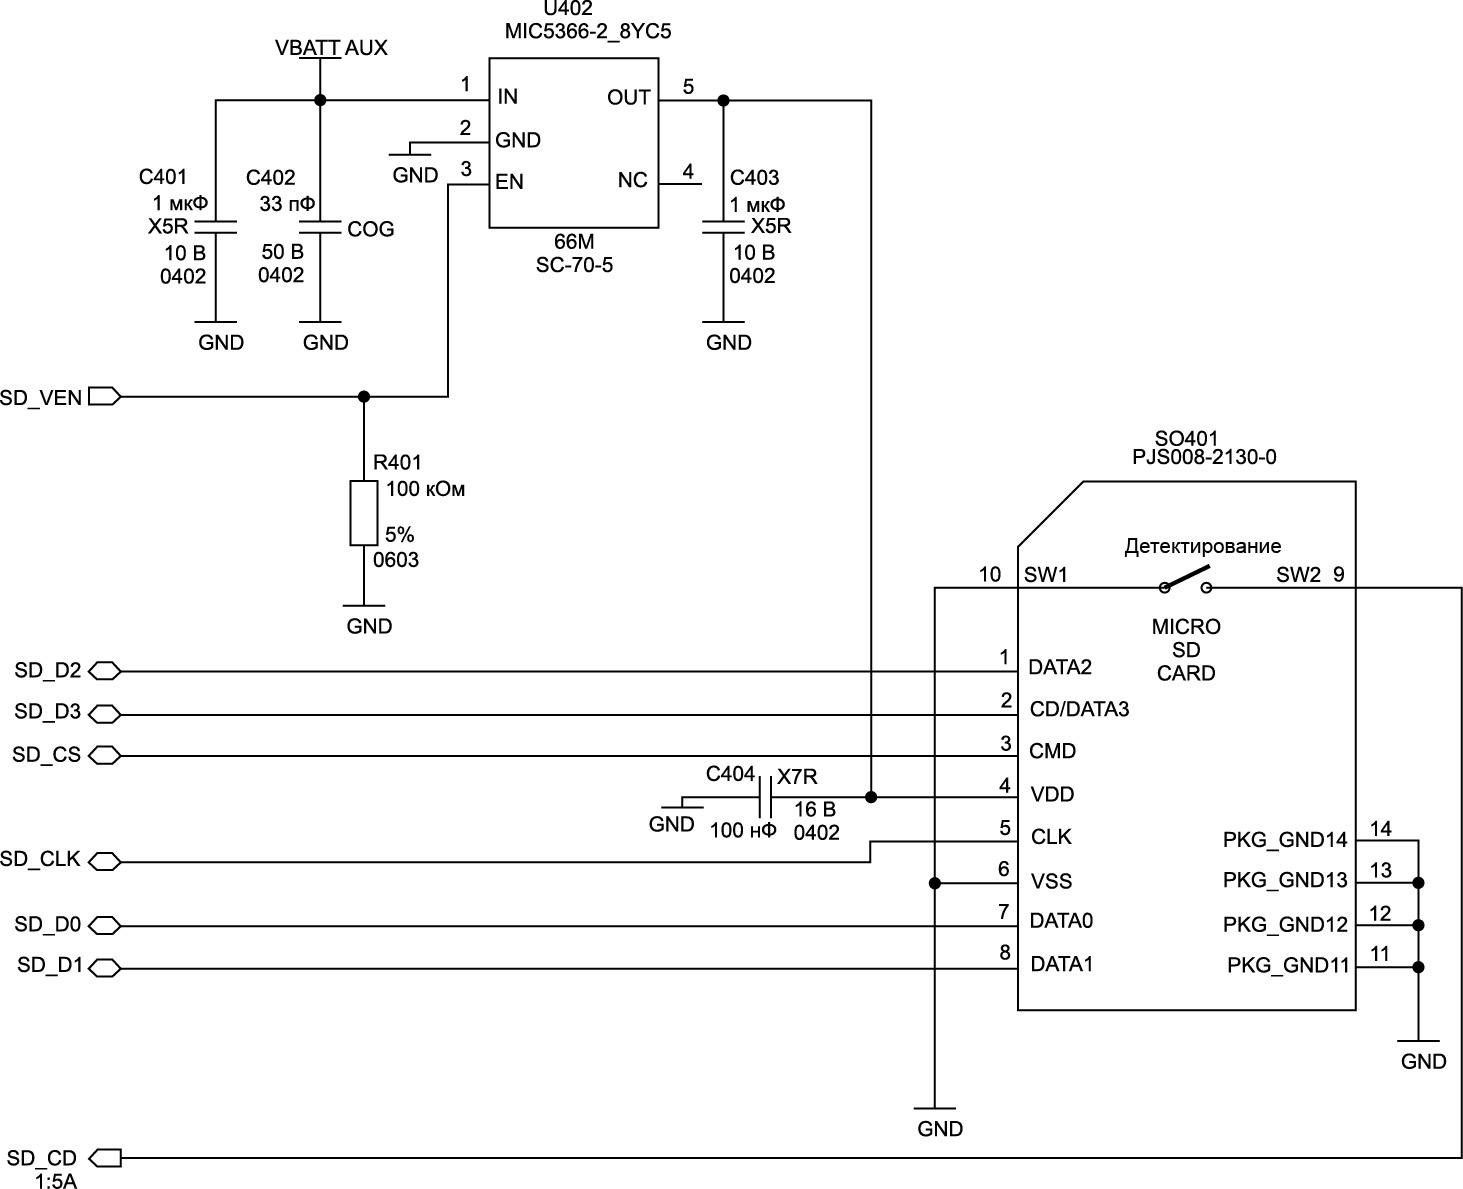 Подключение SD-карты